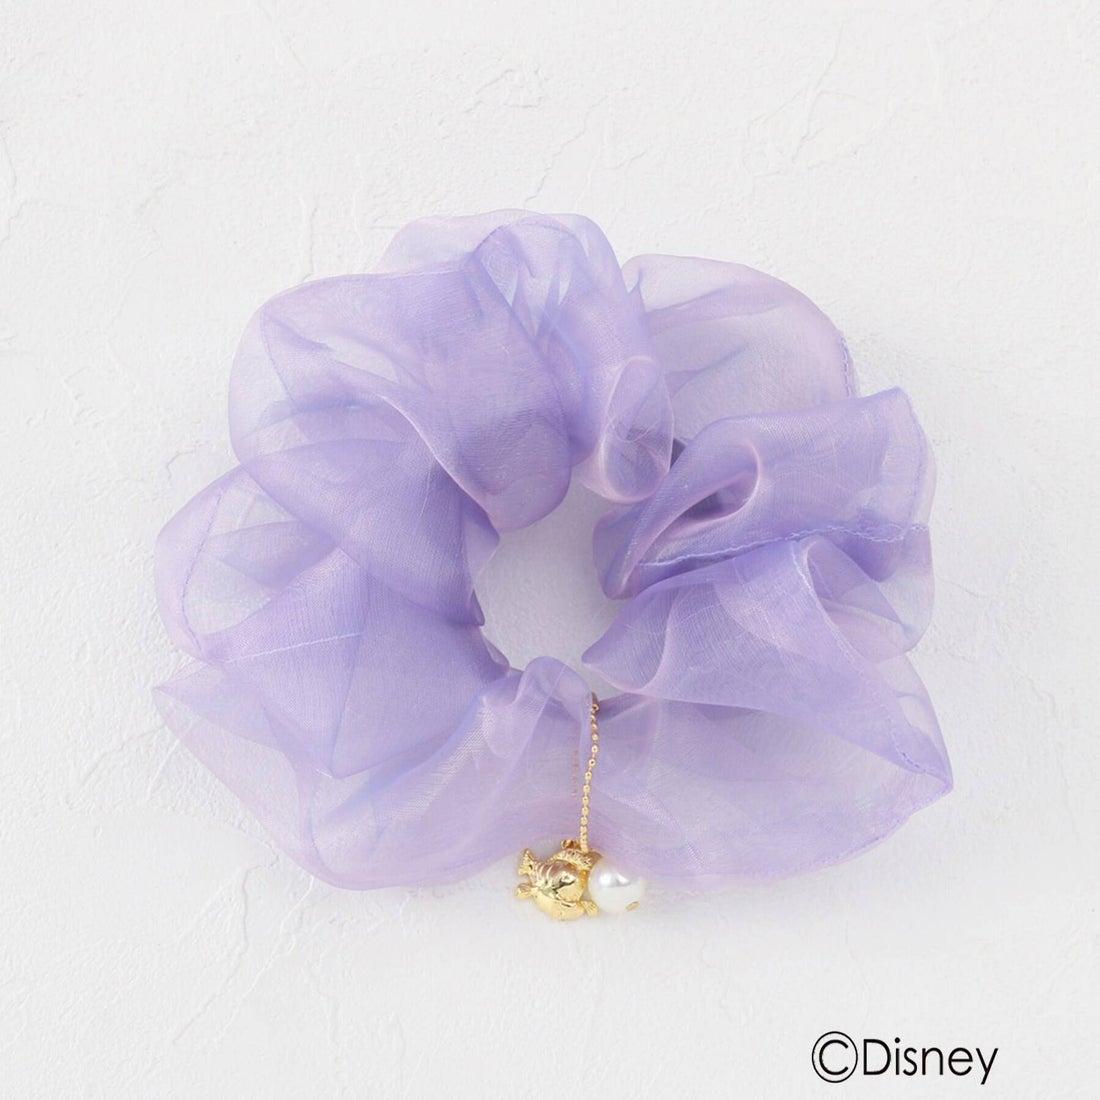 クチュール ブローチ Couture brooch ディズニープリンセス アリエル/オーガンジーシュシュ小 (ライトパープル)